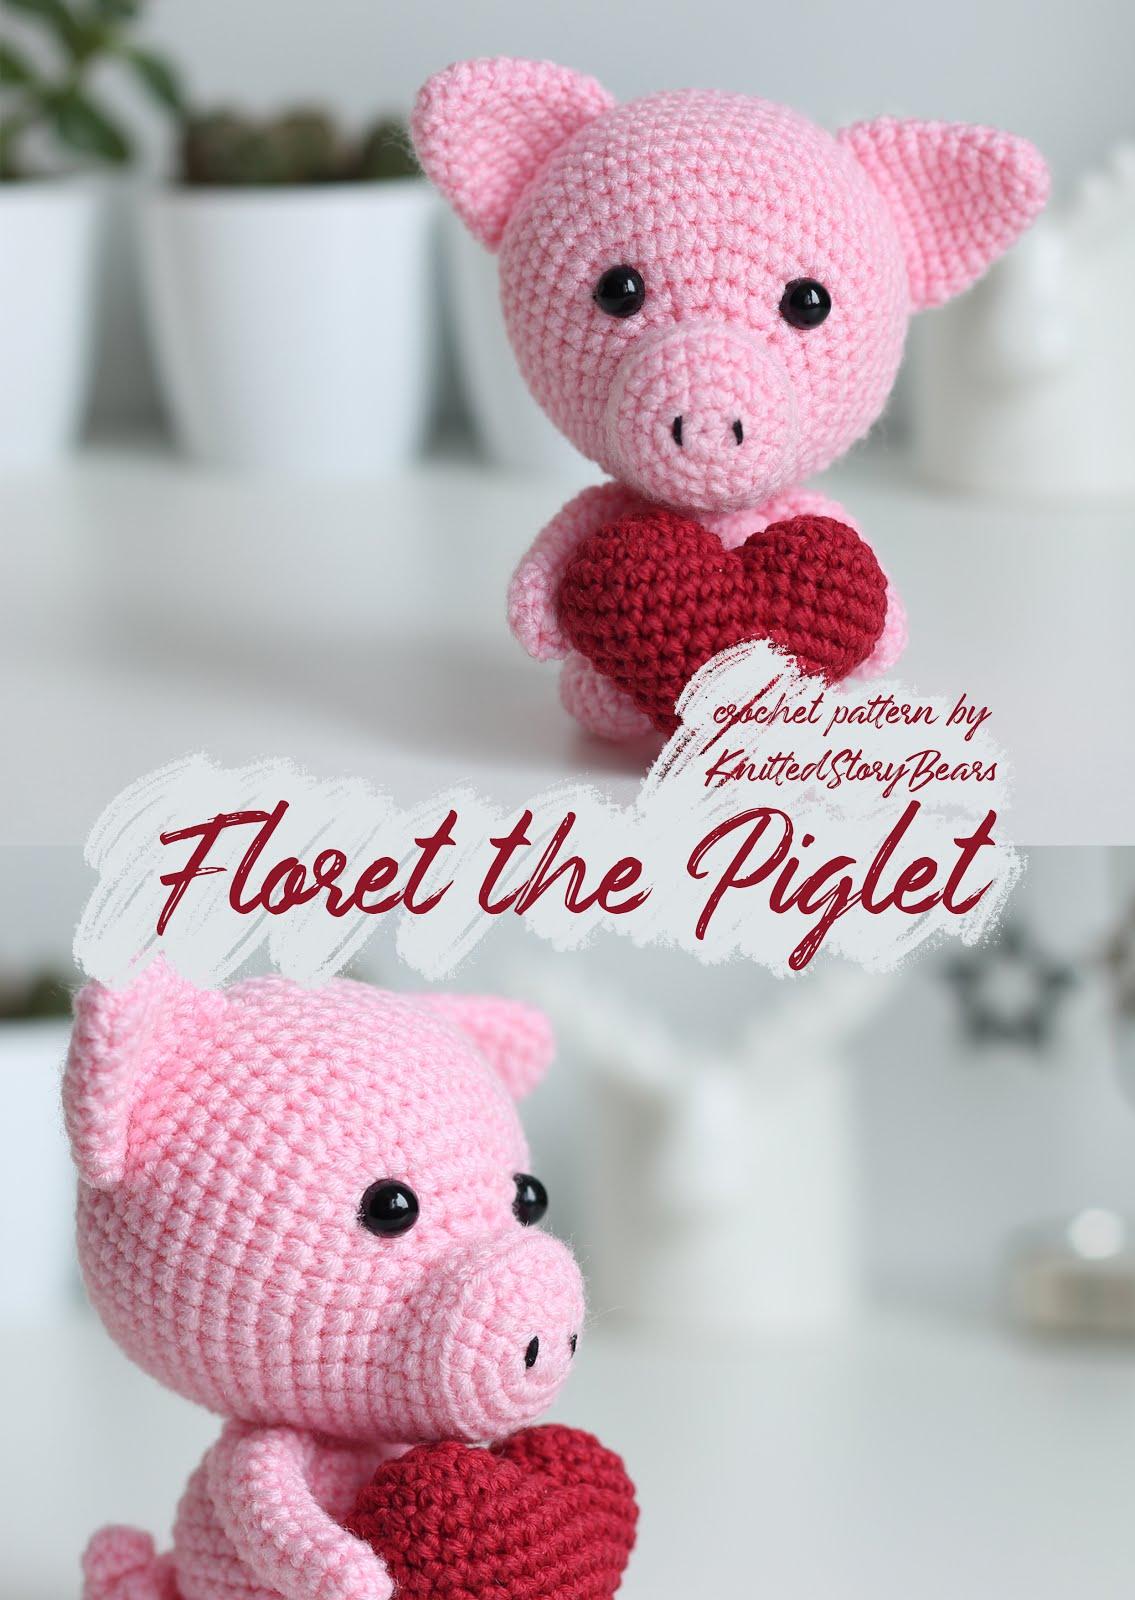 Floret the Piglet